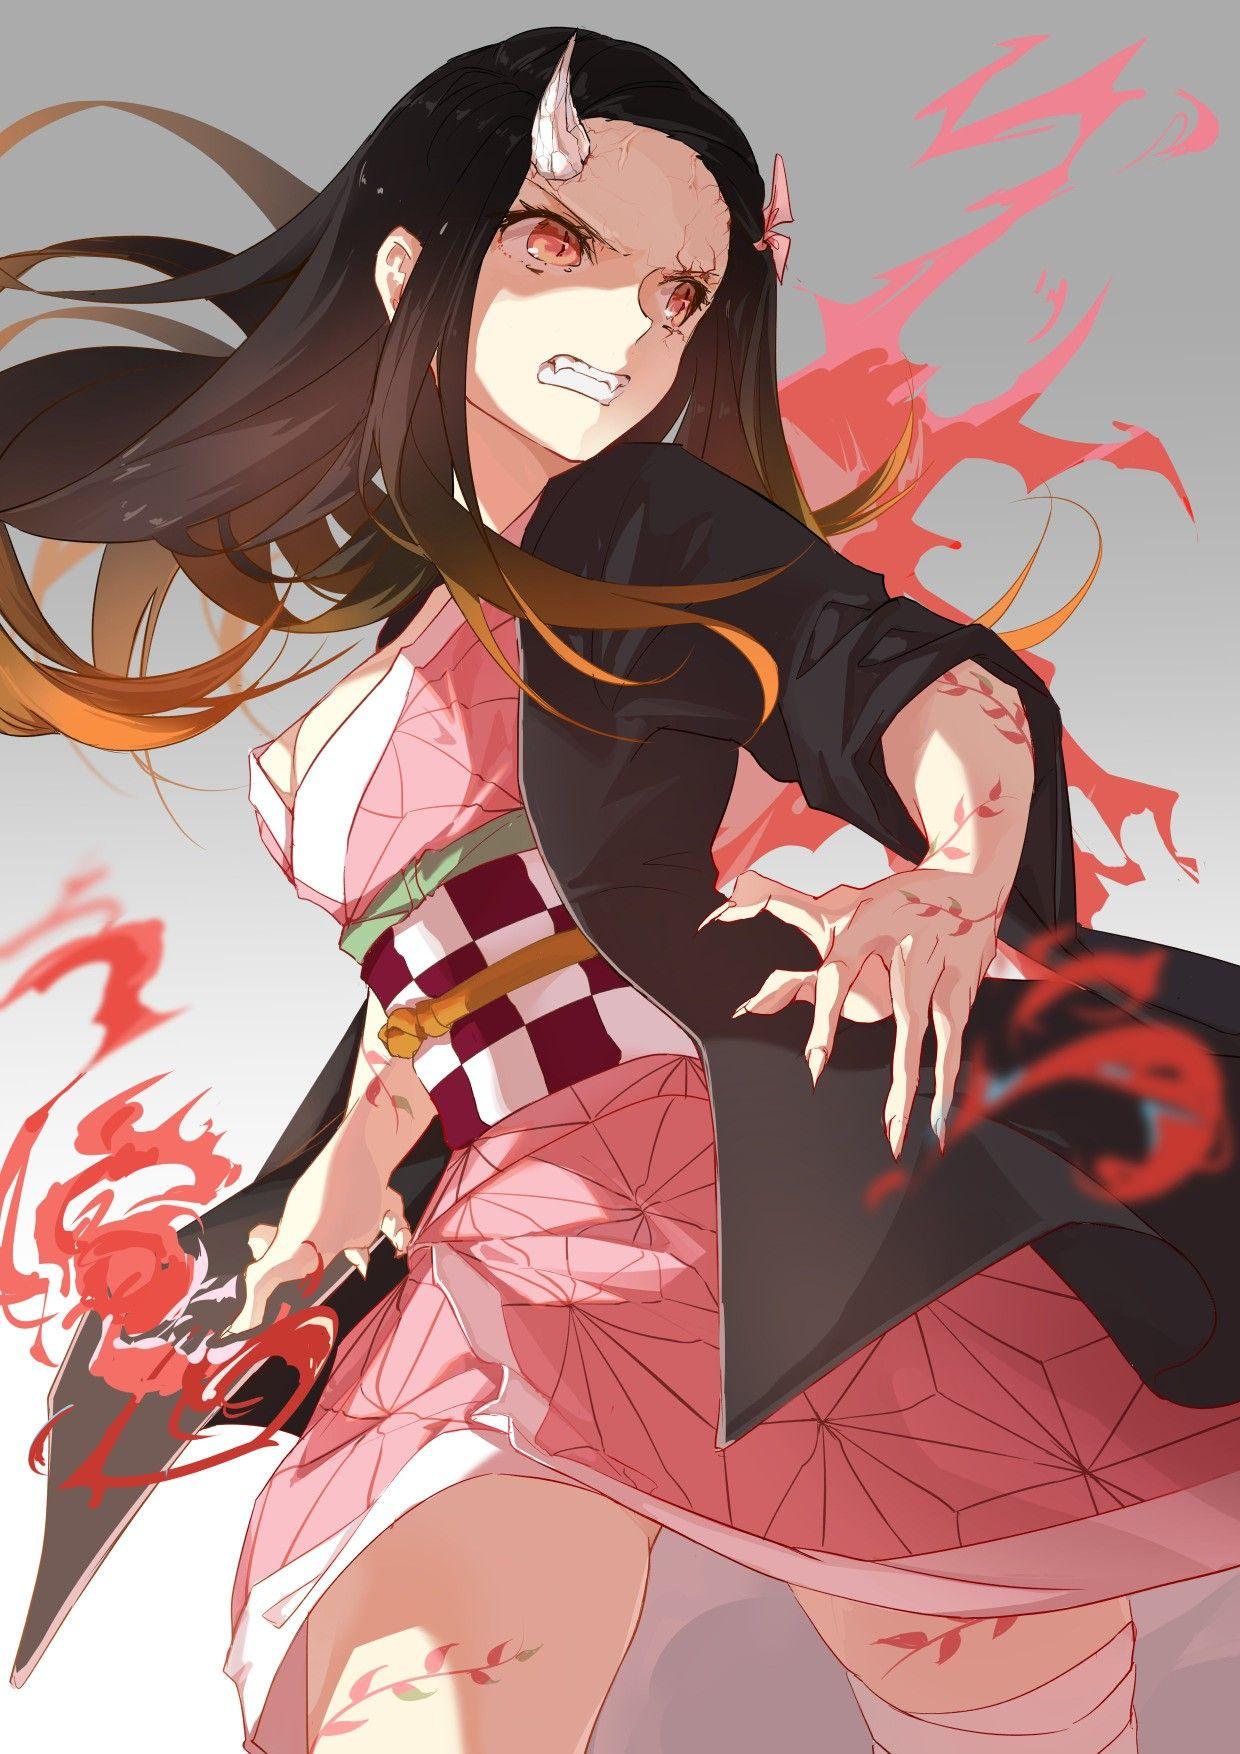 قاتل الشياطين Anime demon, Slayer anime